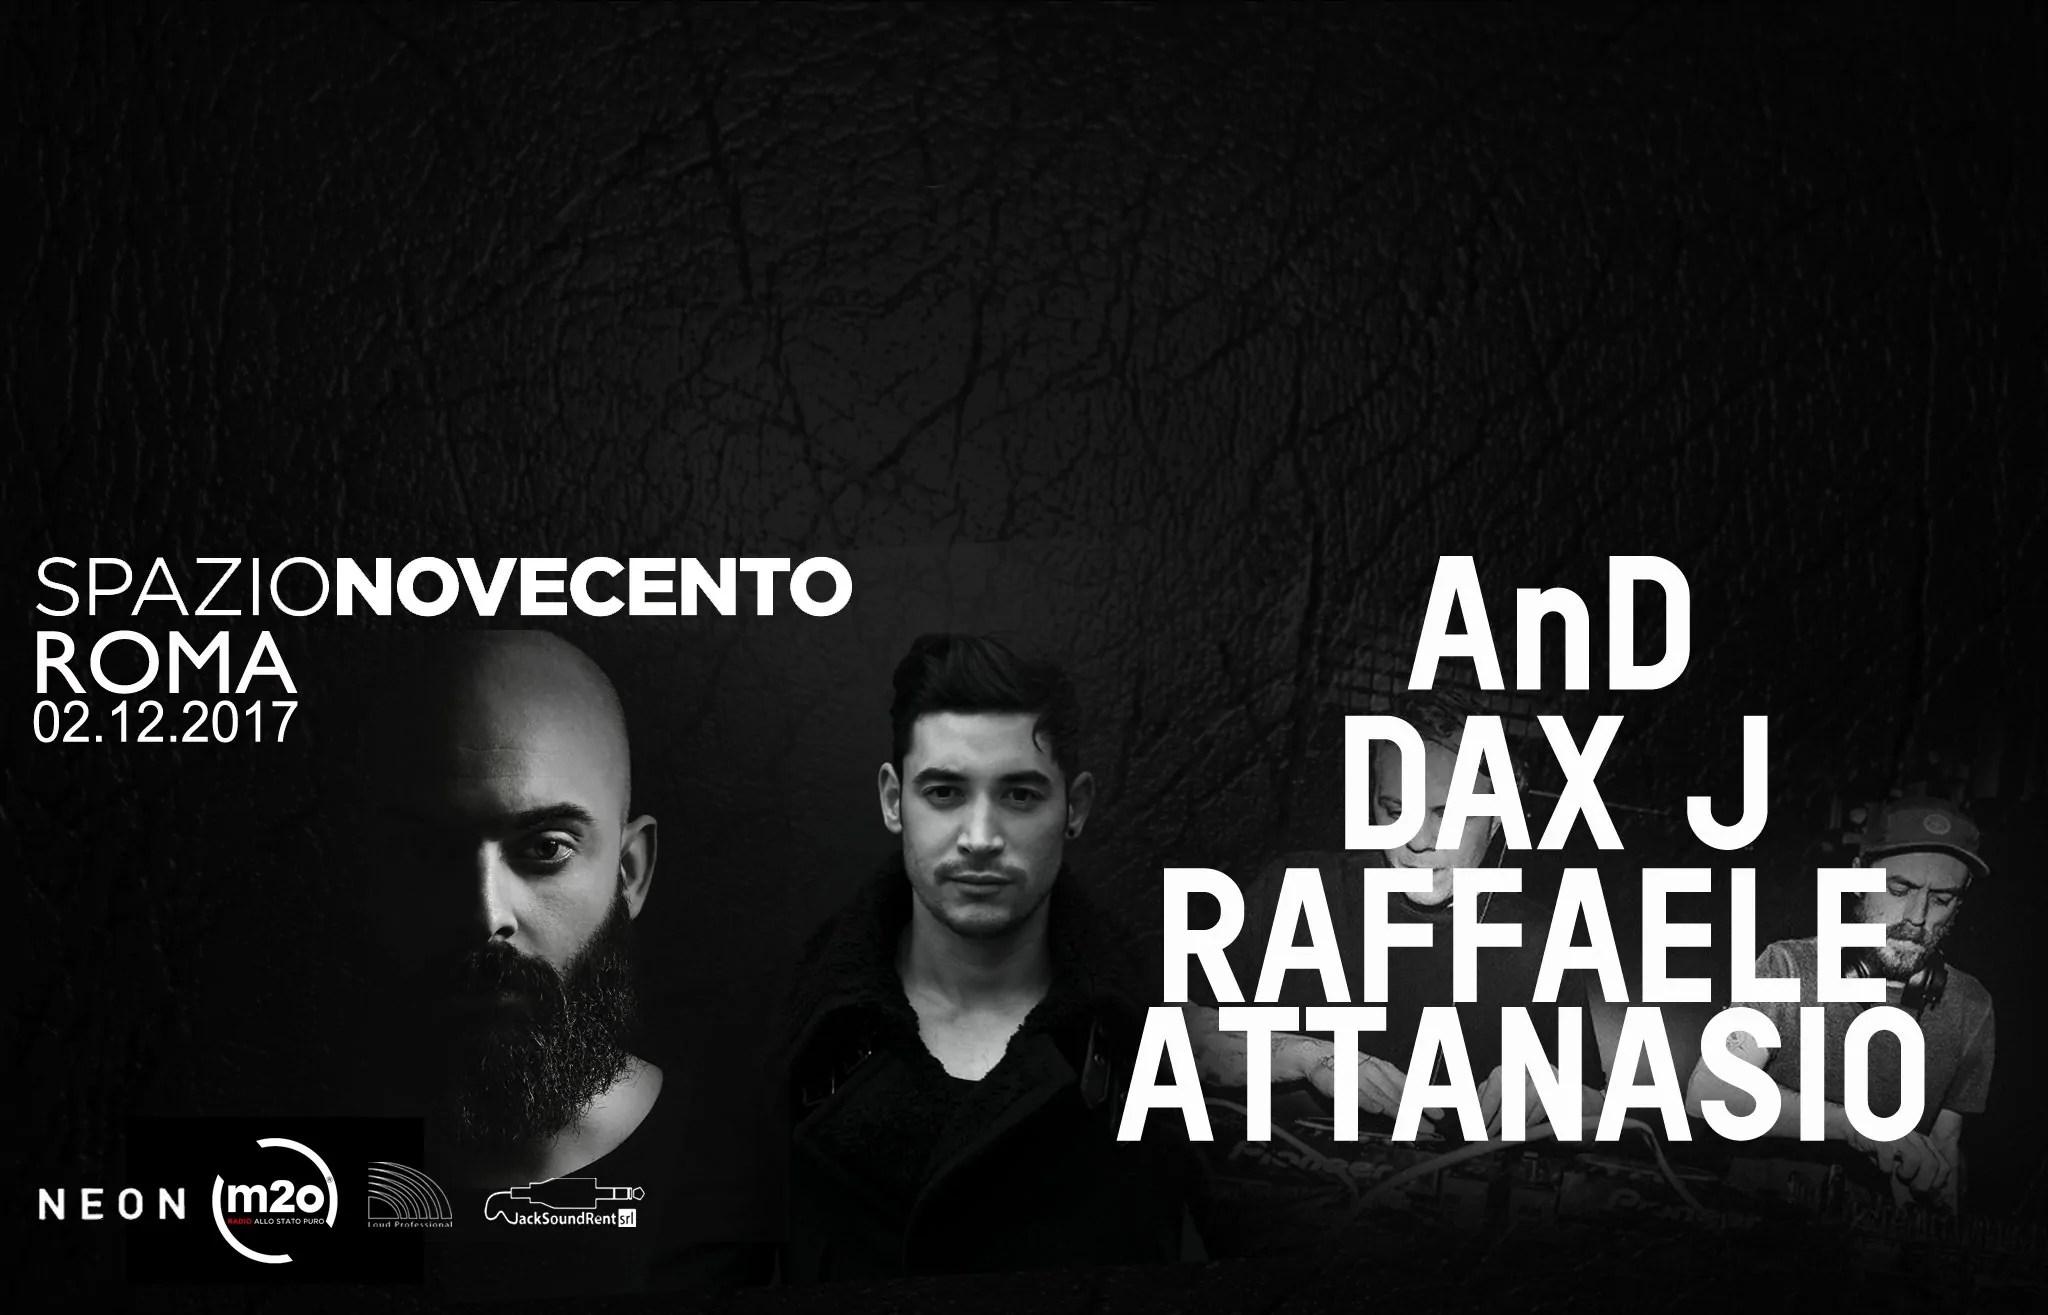 02 12 2017 Spazio Novecento Roma anD + Dax J + Raffaele Attanasio + Prezzi Ticket Biglietti Tavoli Pacchetti Hotel Bus